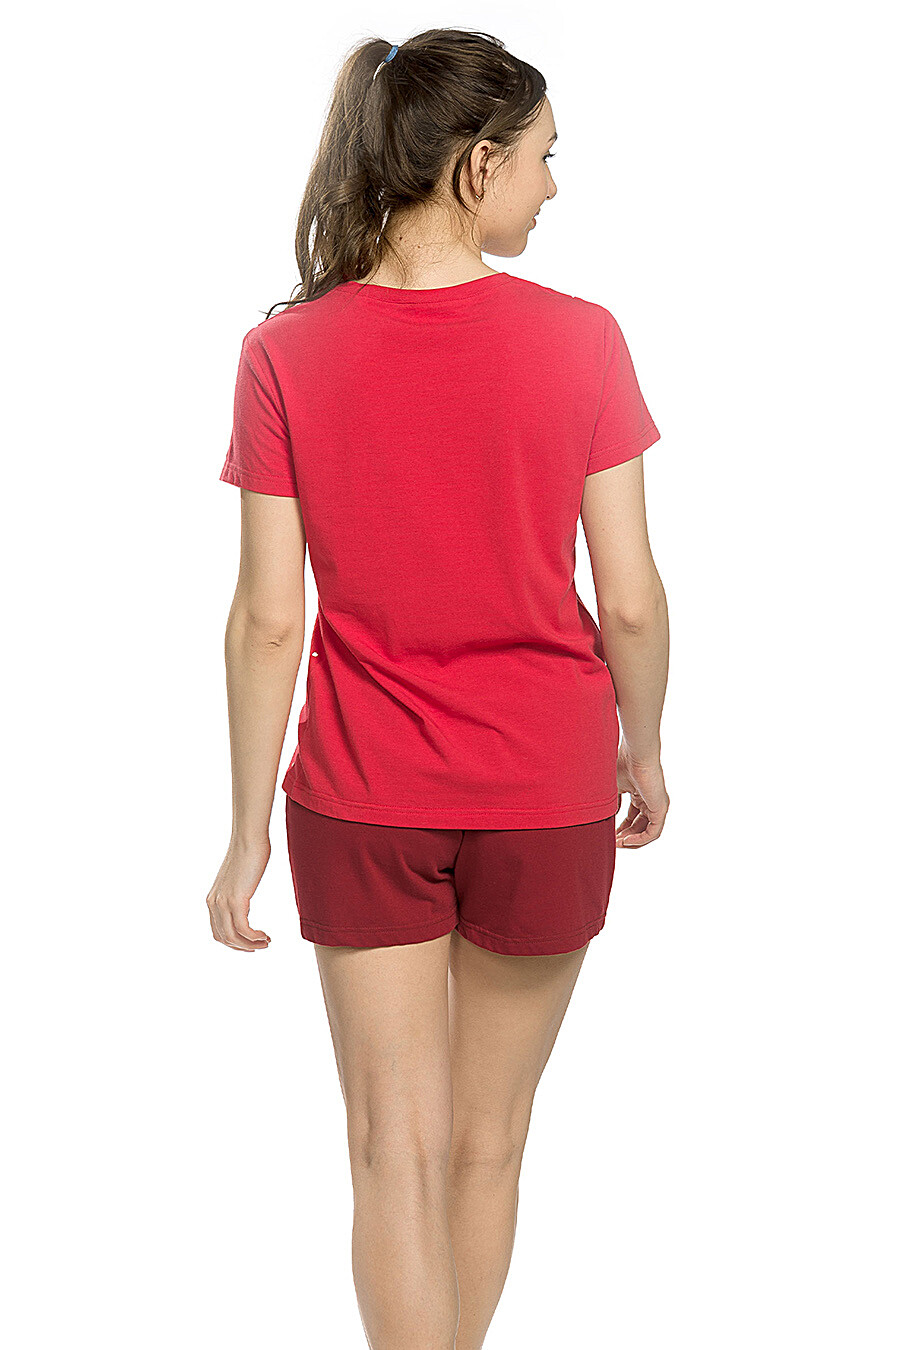 Копмлект (Шорты+Футболка) для женщин PELICAN 146646 купить оптом от производителя. Совместная покупка женской одежды в OptMoyo